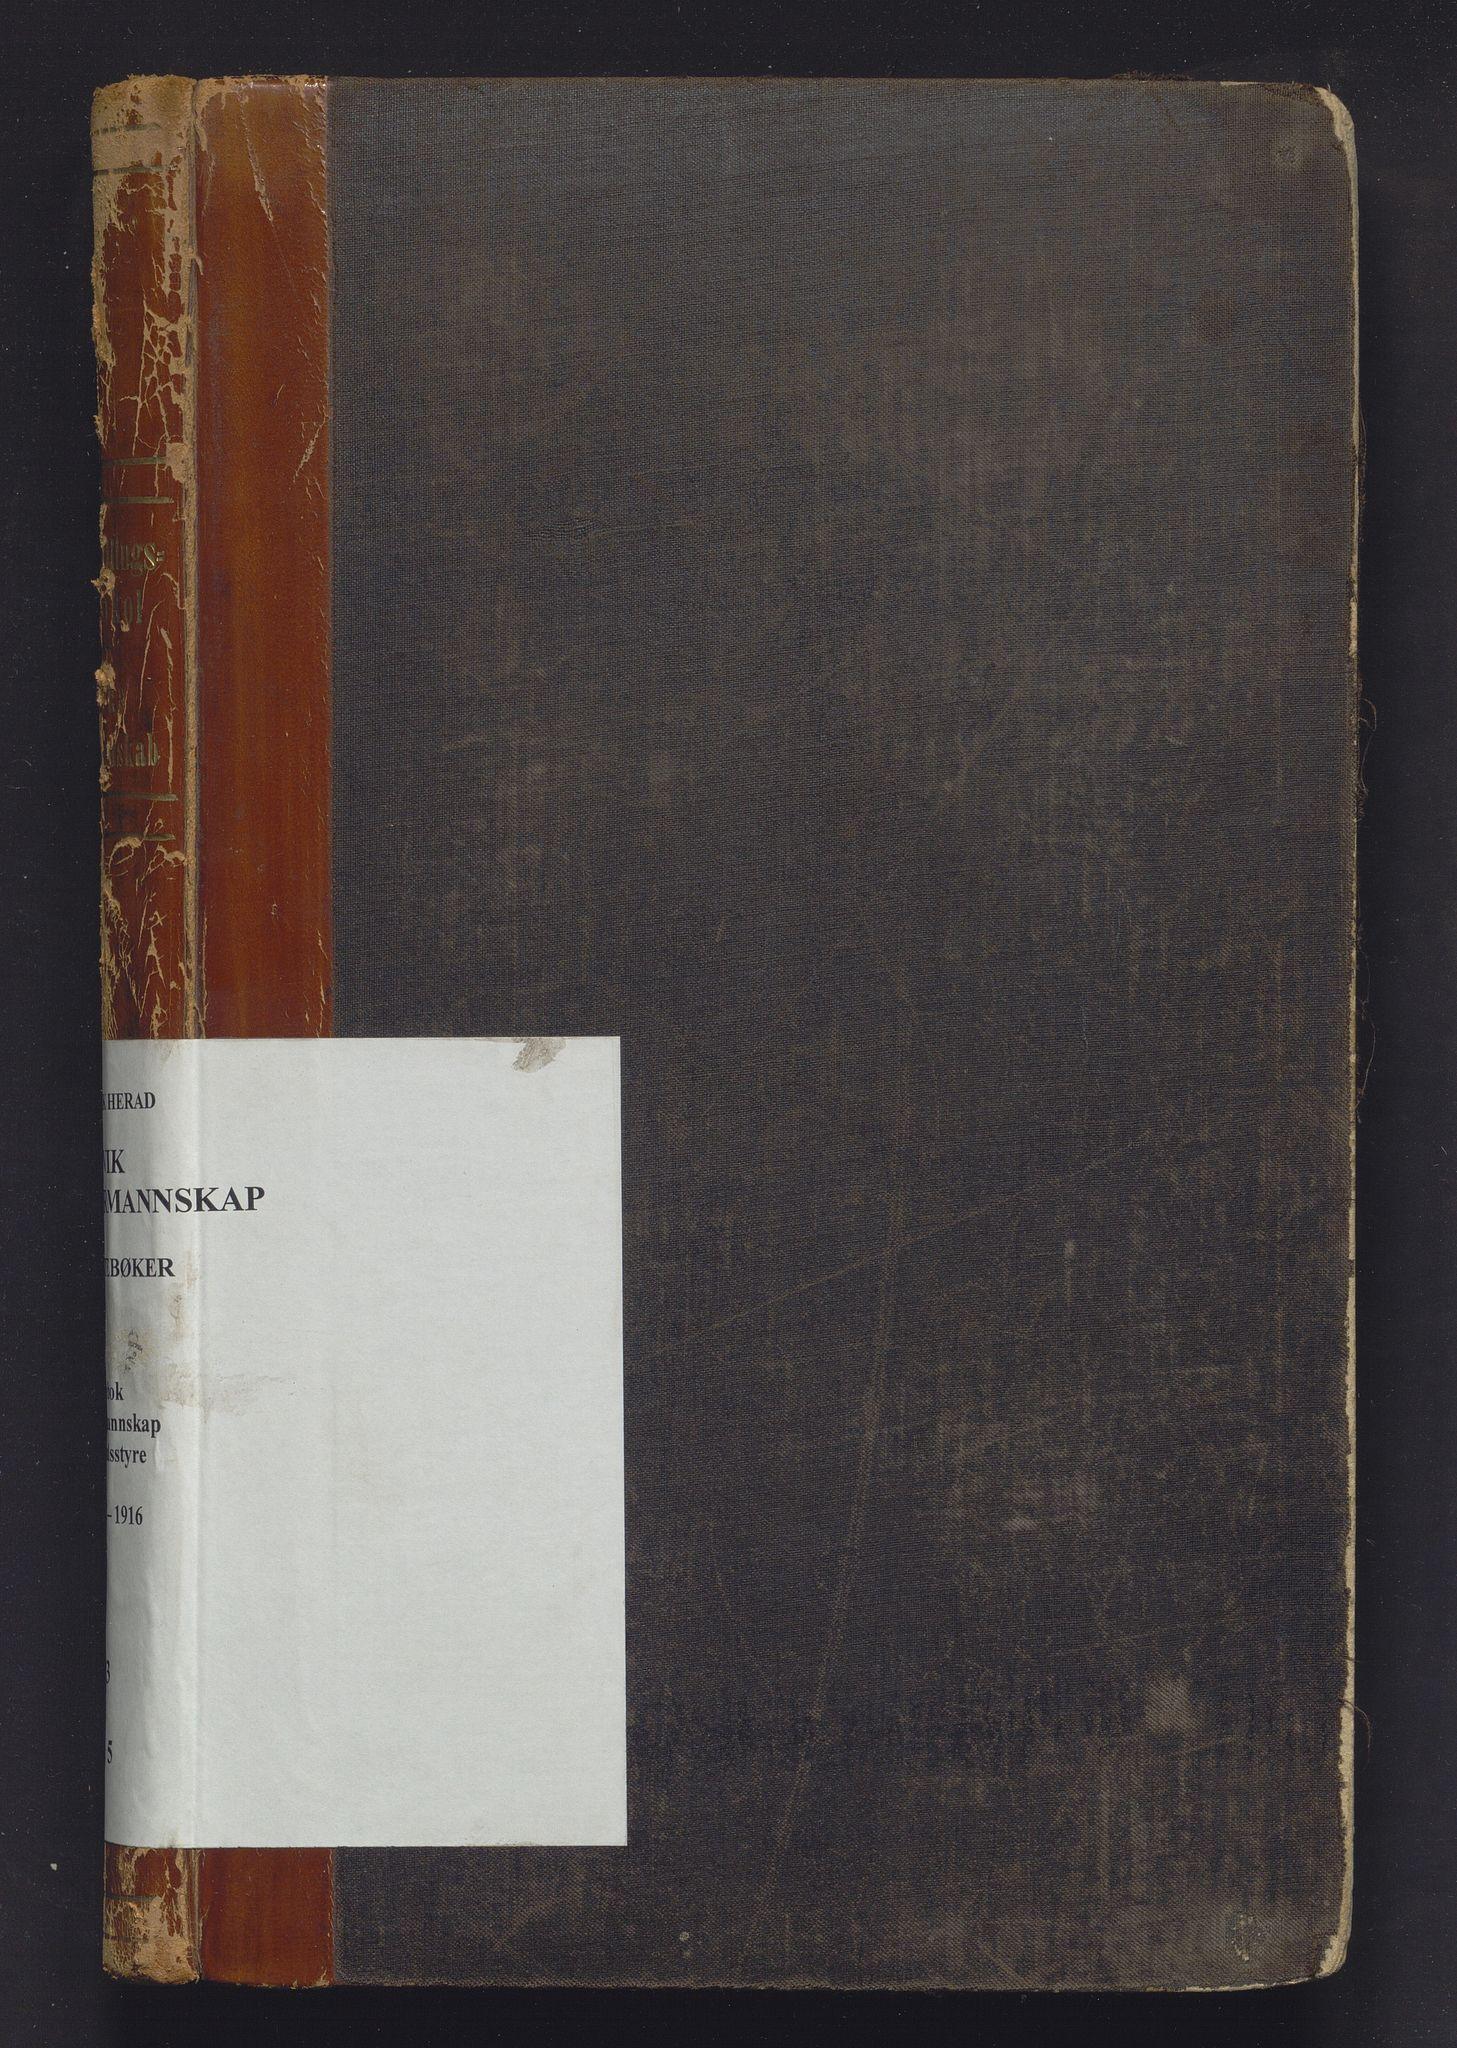 IKAH, Ulvik herad. Formannskapet, A/Aa/Aaa/L0005: Møtebok for formannskap og heradsstyre, 1907-1916